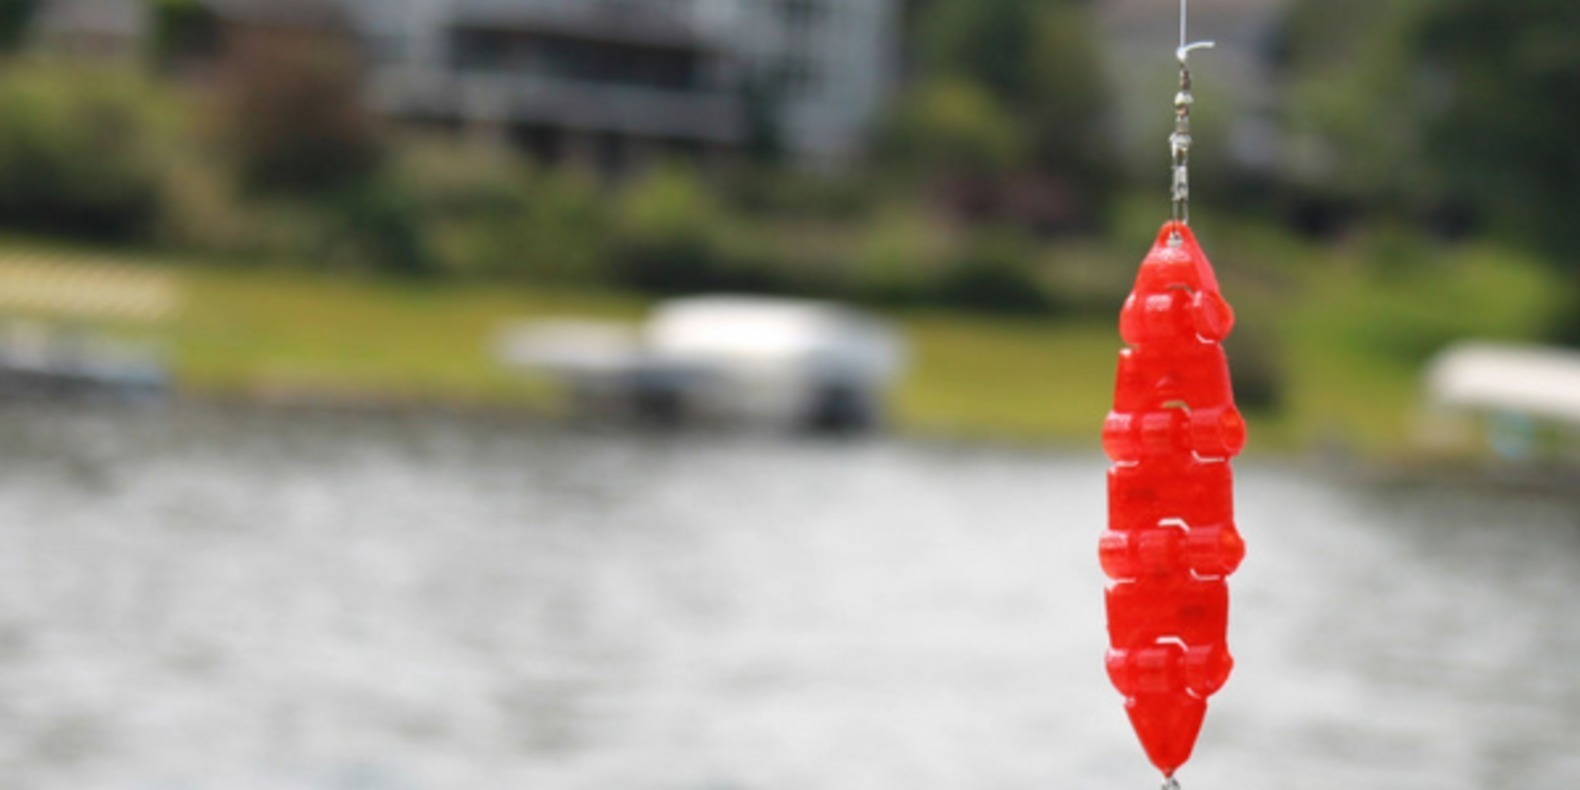 leurre pêche fishing bait swimbait 3D printed imprimé en 3D pêcheur fisher fichier 3D STL cults 3